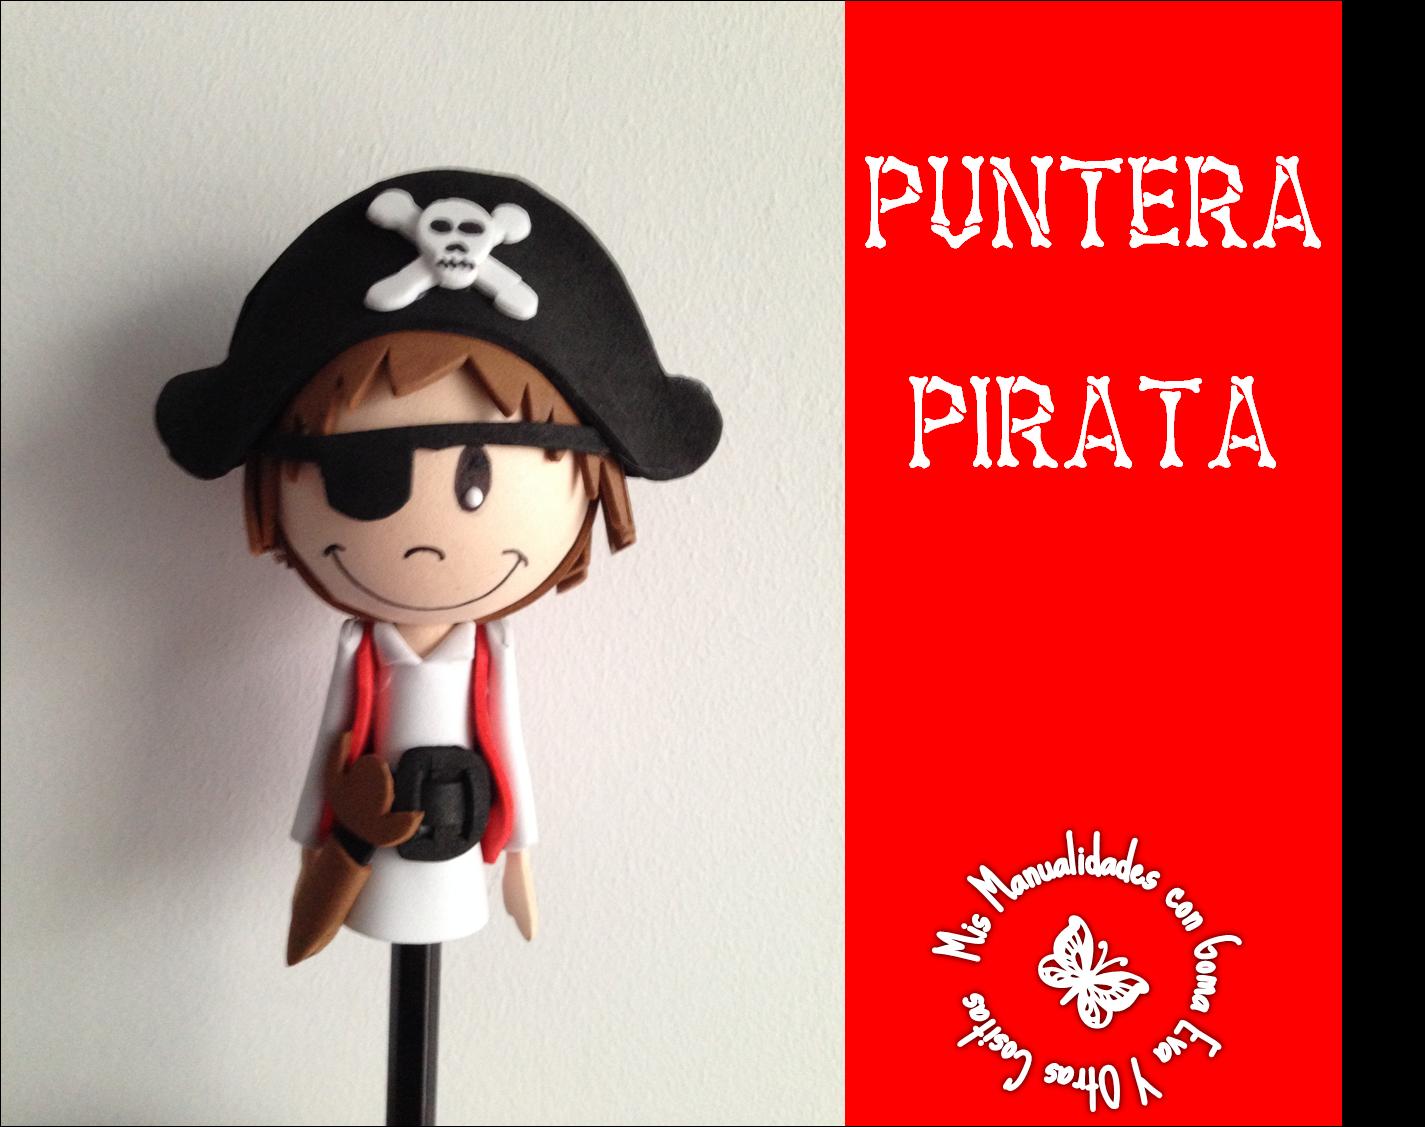 Mis manualidades con goma eva y otras cositas lapicero pirata - Adornos para lapices en goma eva ...